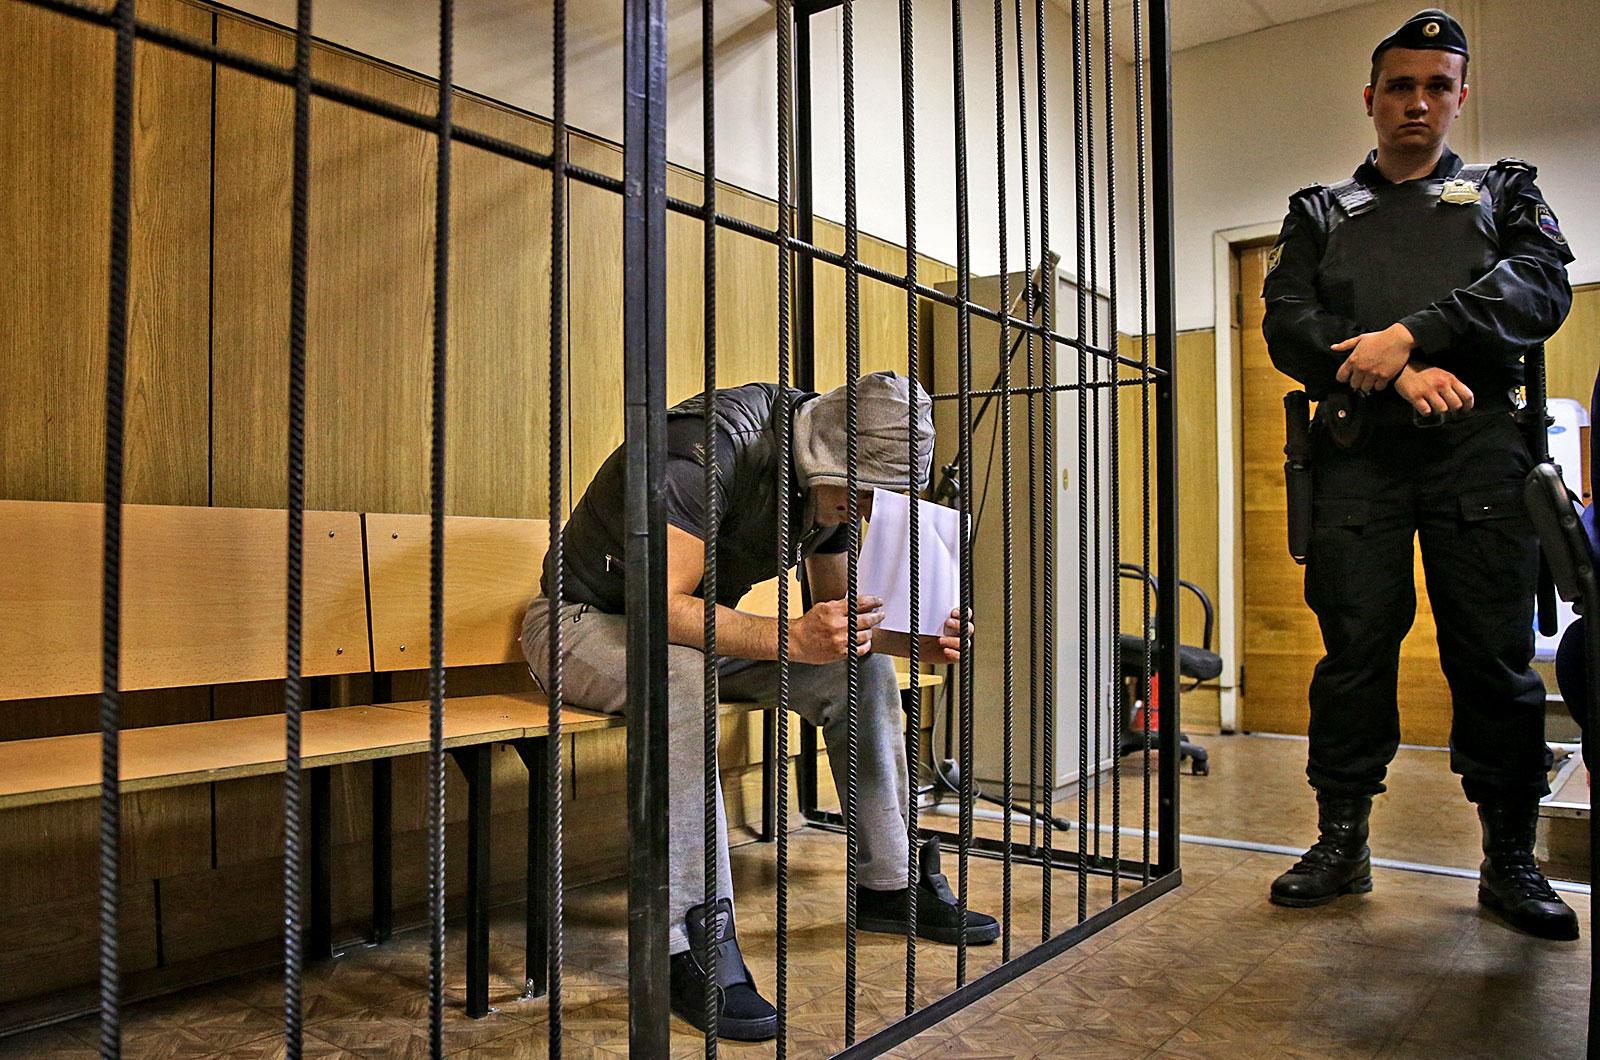 Житель Брянска получил 10 лет колонии за смерть 81-летнего инвалида 1 группы